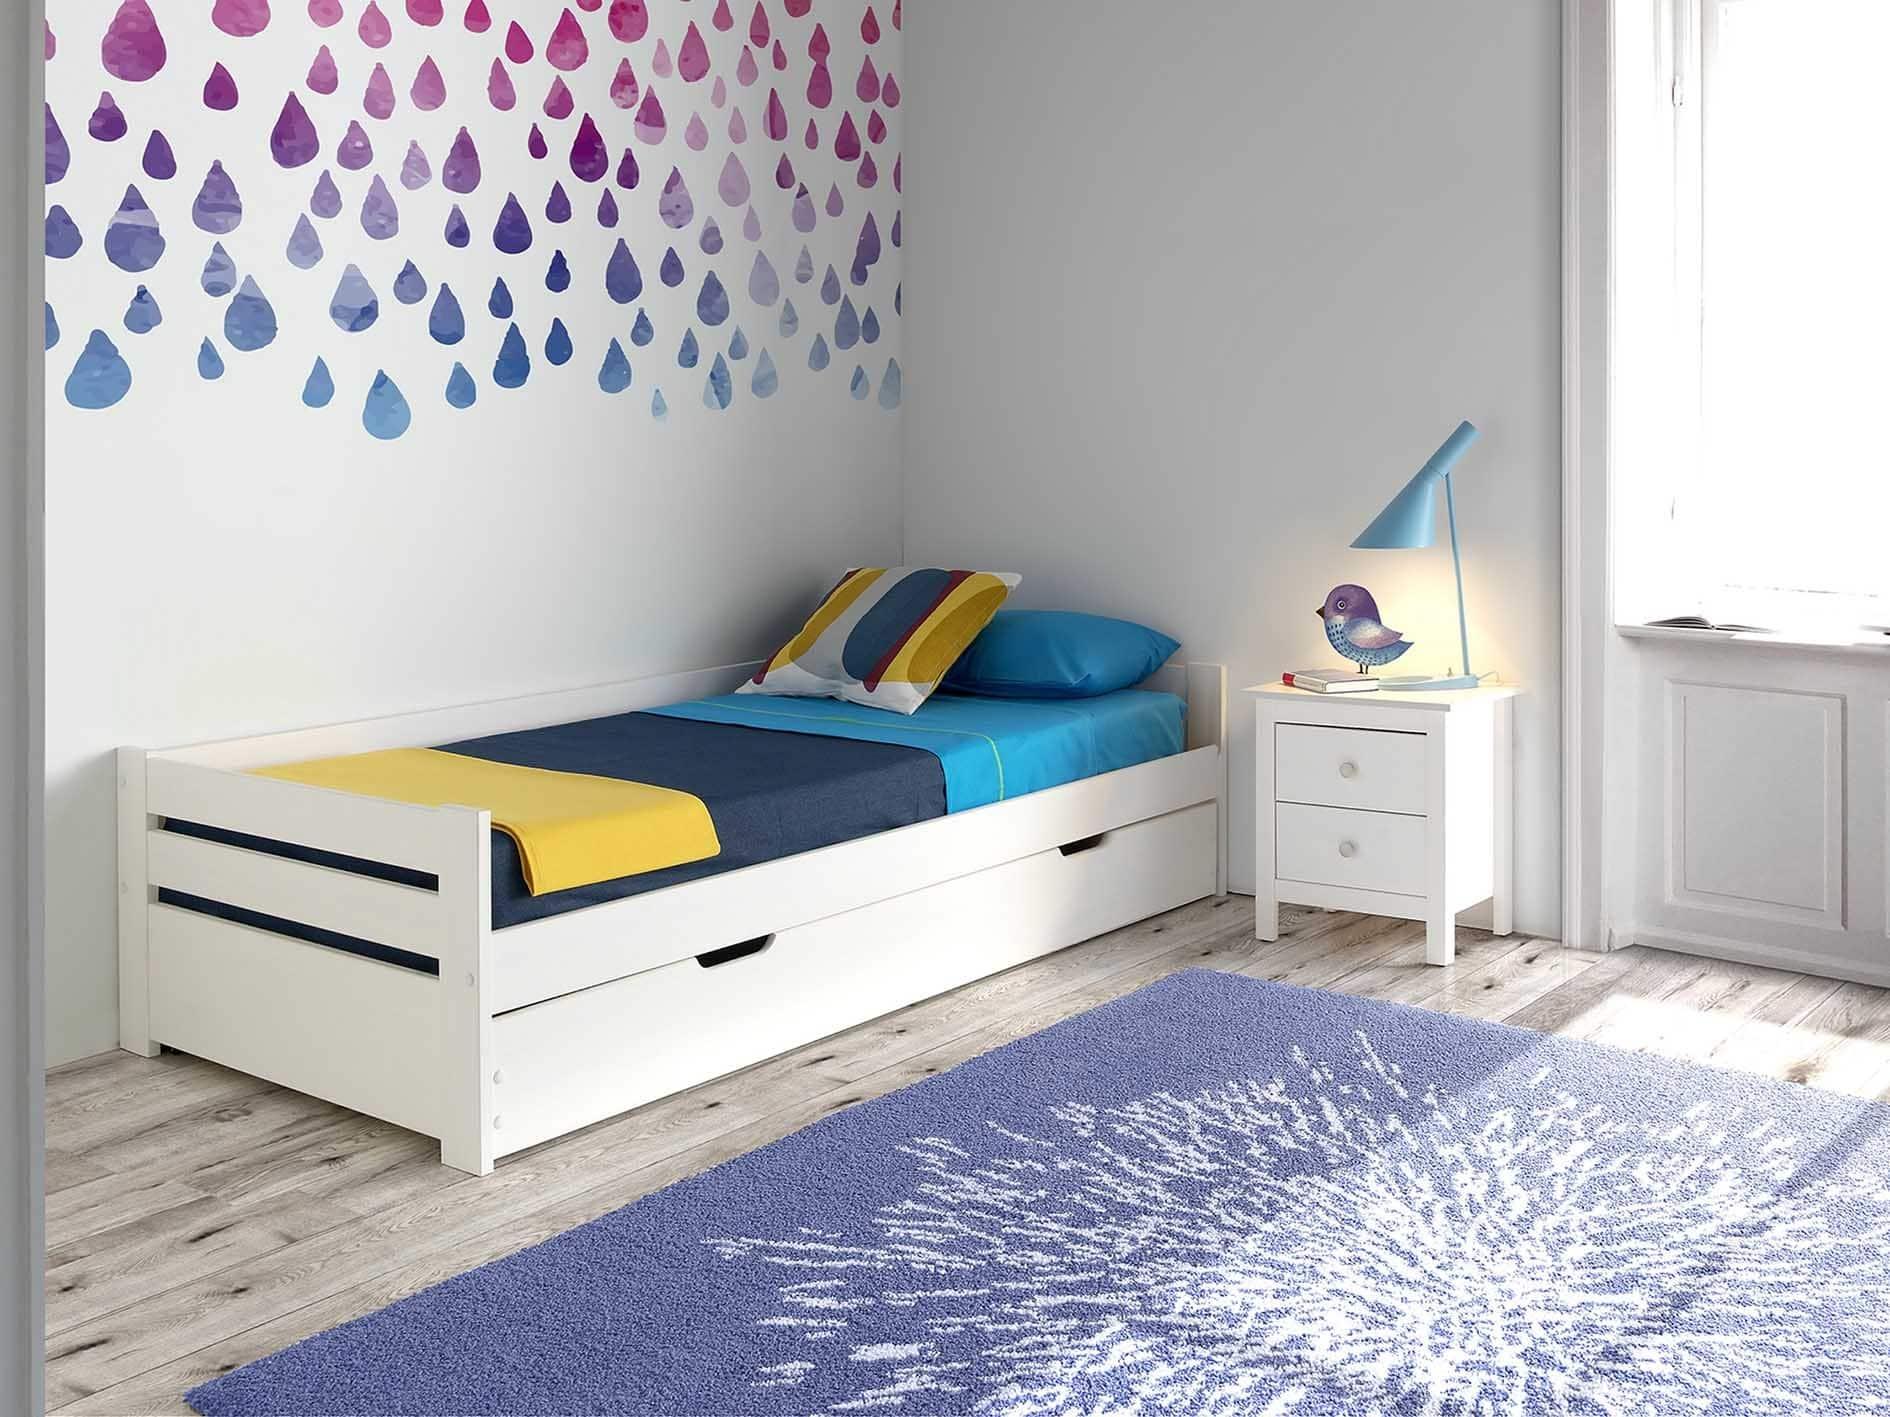 Ideas de cama nido blanca para habitaciones infantiles - Fotos camas infantiles ...